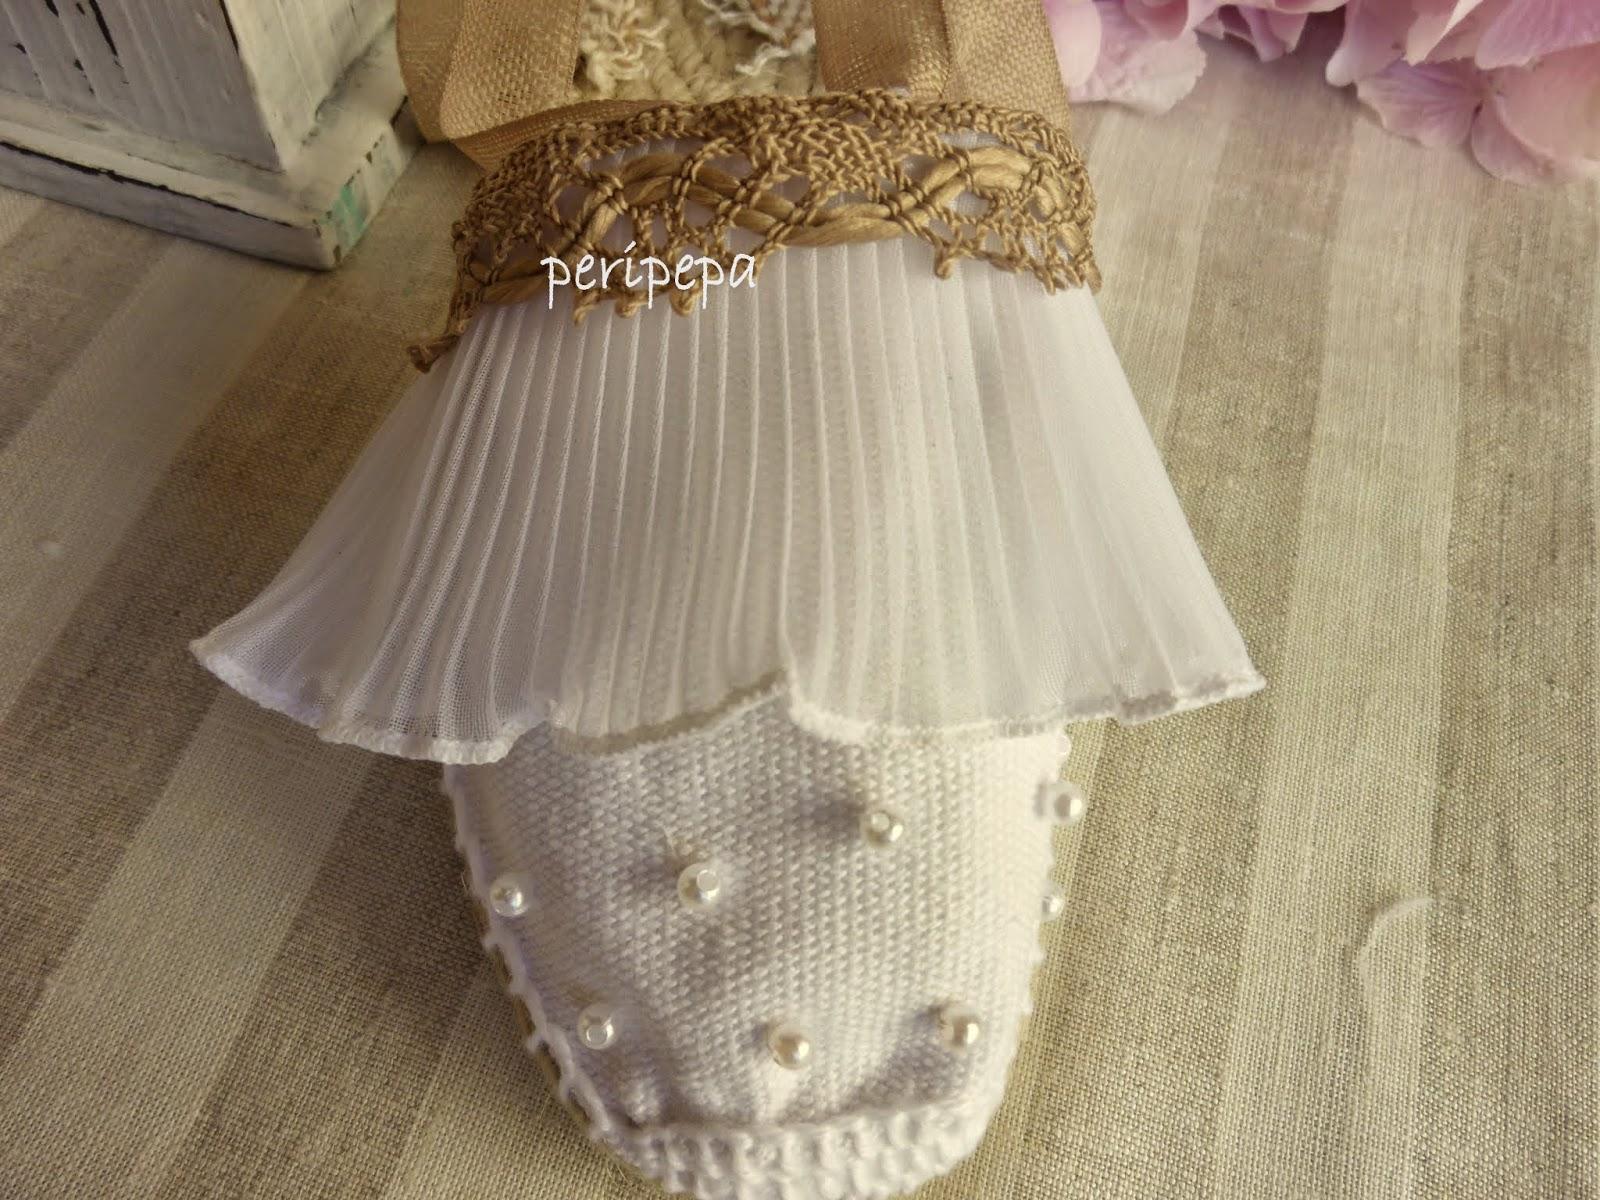 A la novia le encantan las perlas, así que les pusimos unas poquitas cosidas delante para darle un toque de glamour a los pies de las niñas.